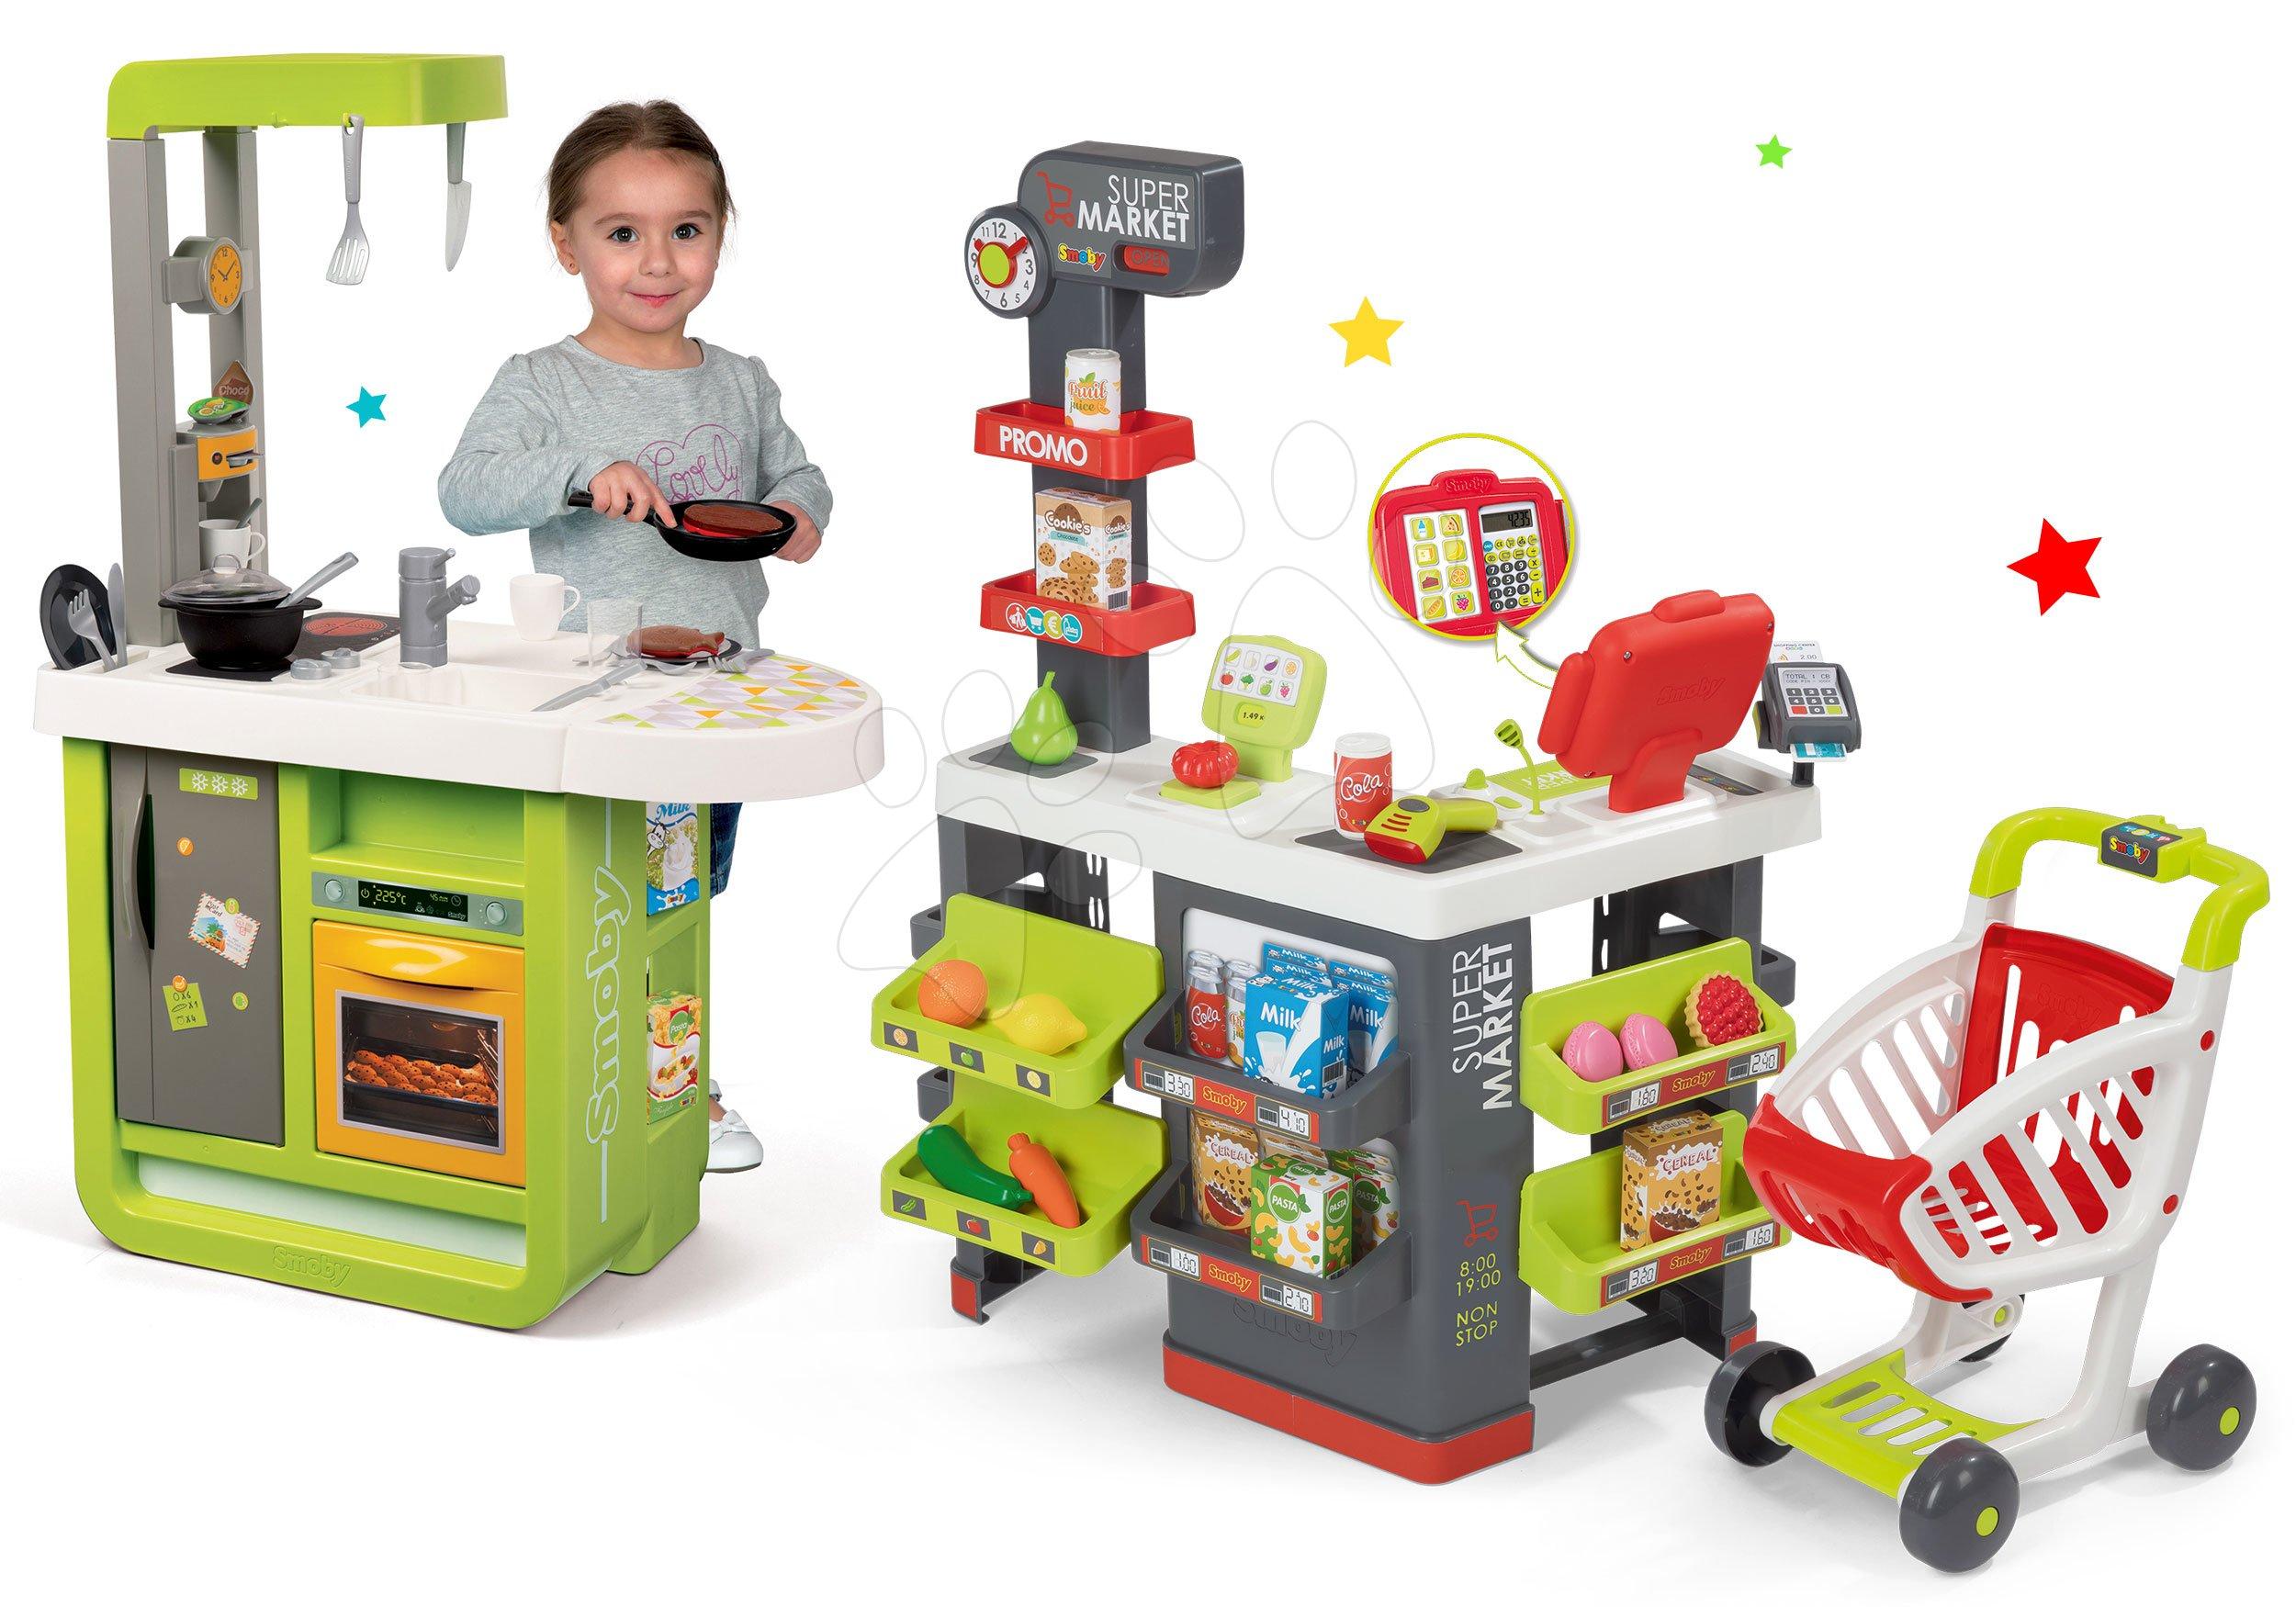 Obchody pre deti sety - Set obchod Supermarket Smoby s elektronickou pokladňou a kuchynka Cherry so zvukmi